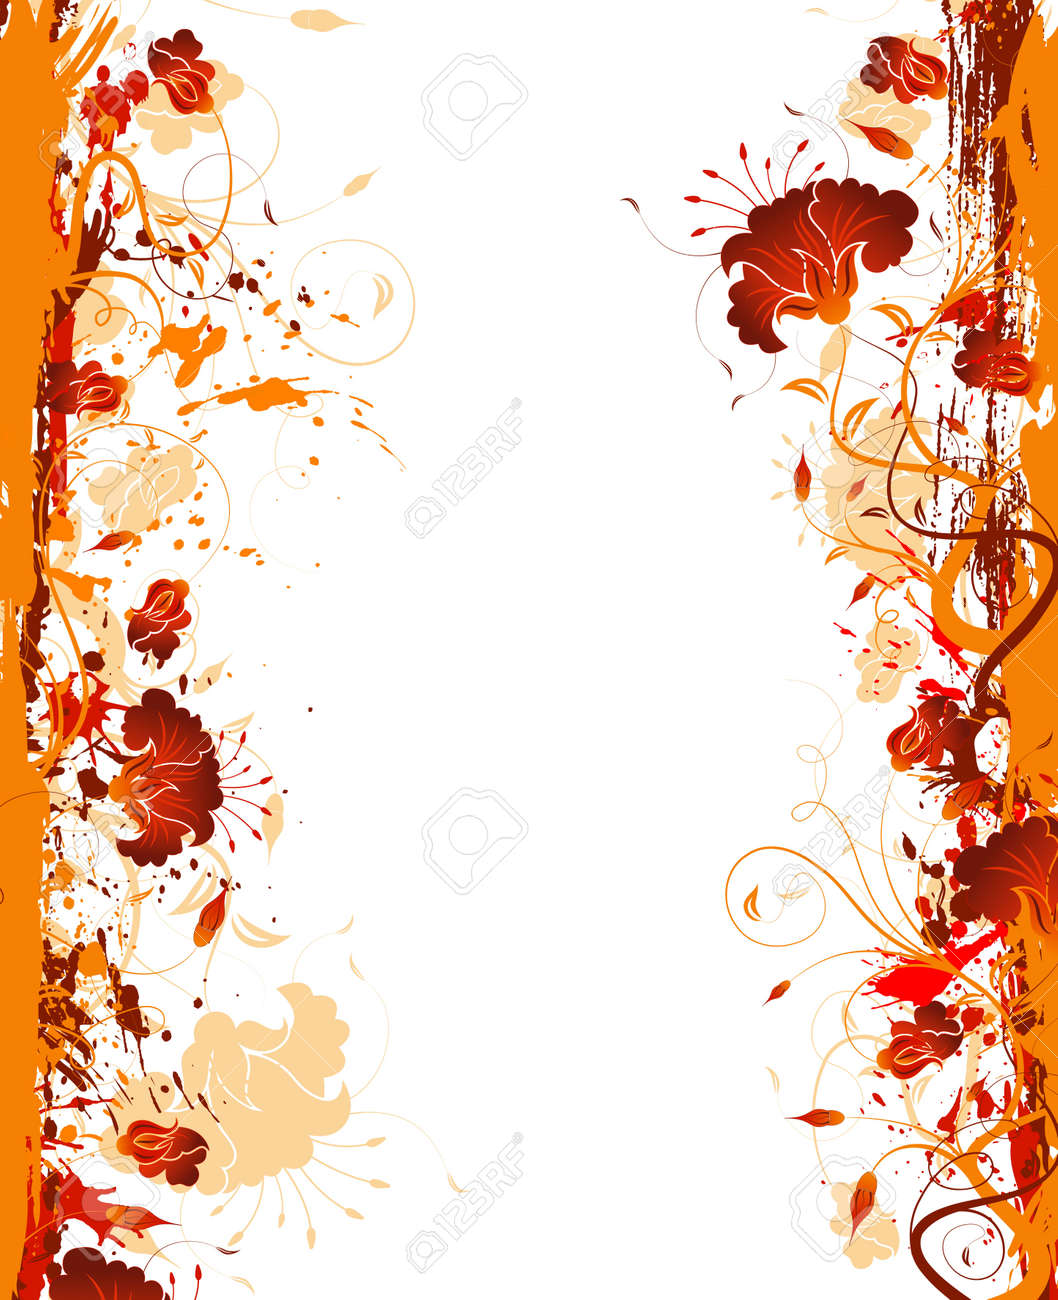 Grunge paint flower frame, element for design, vector illustration Stock Photo - 990271